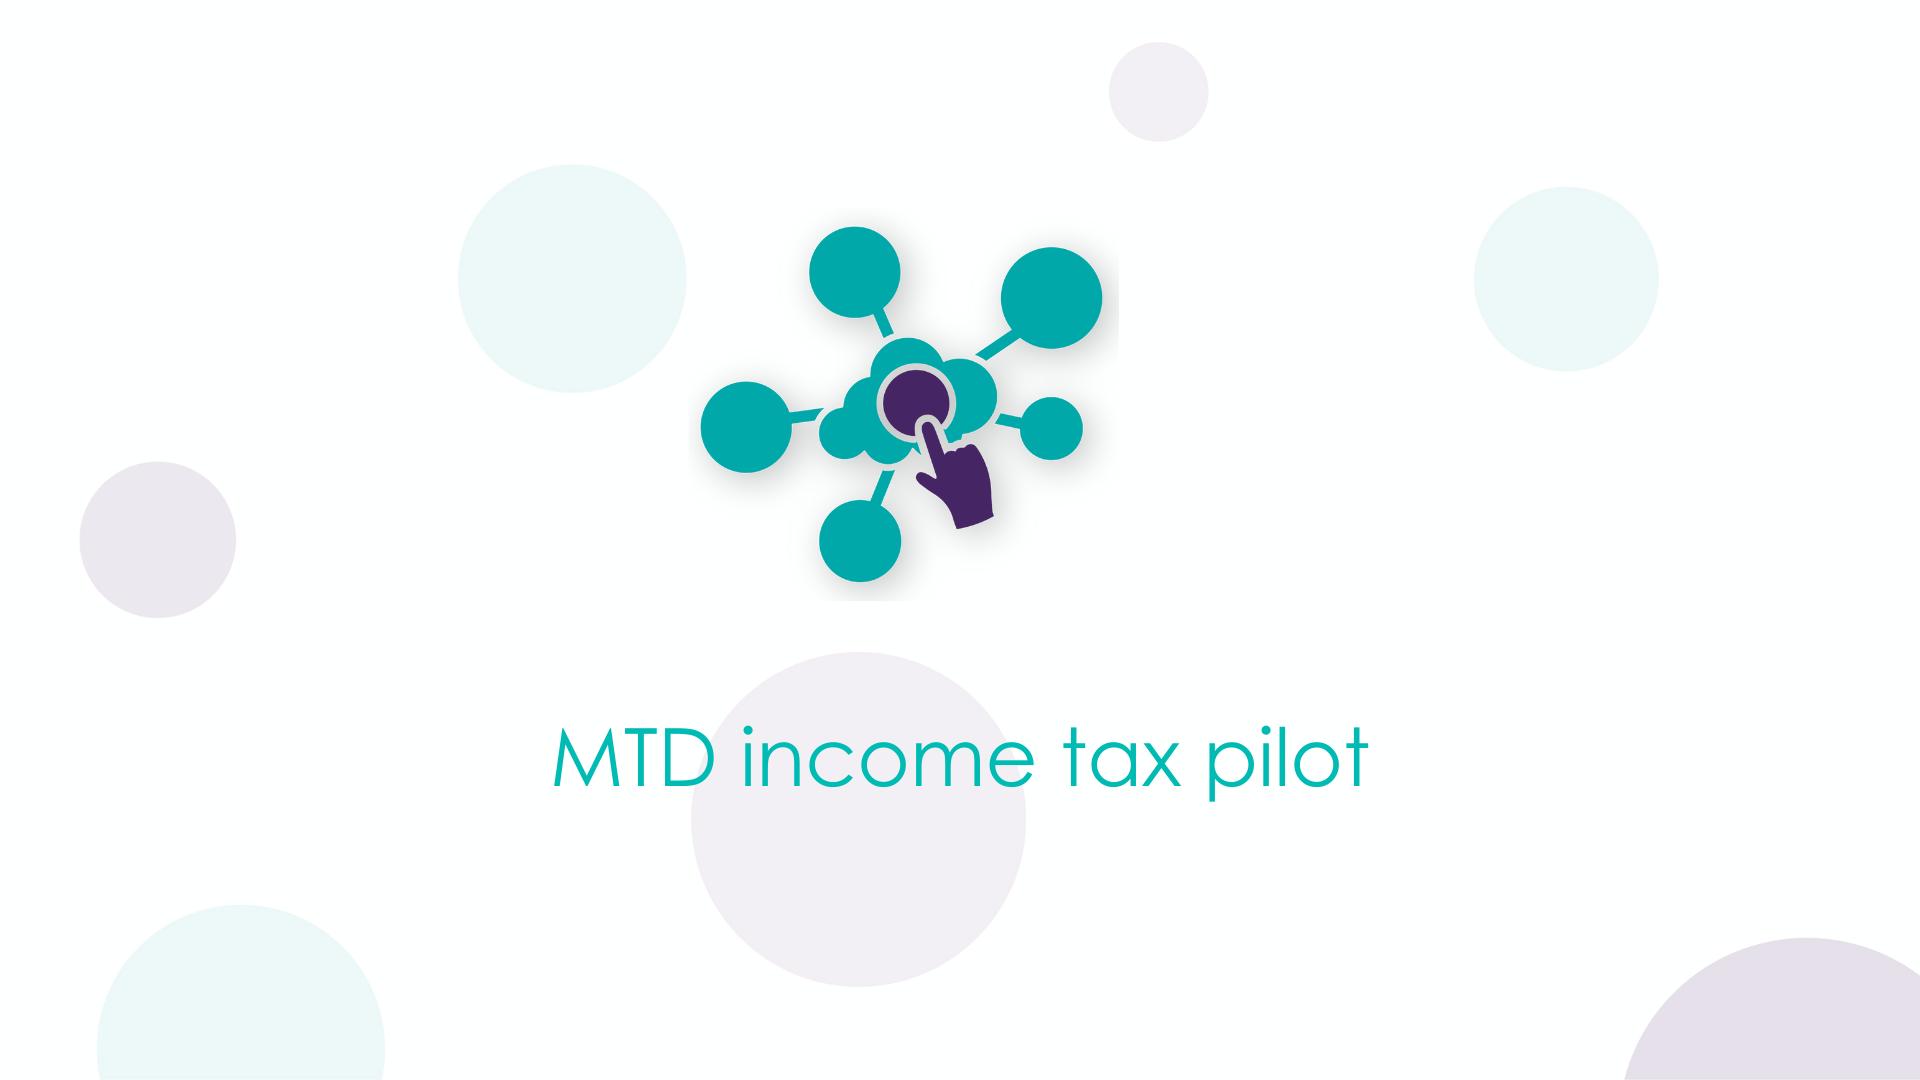 MTD income tax pilot